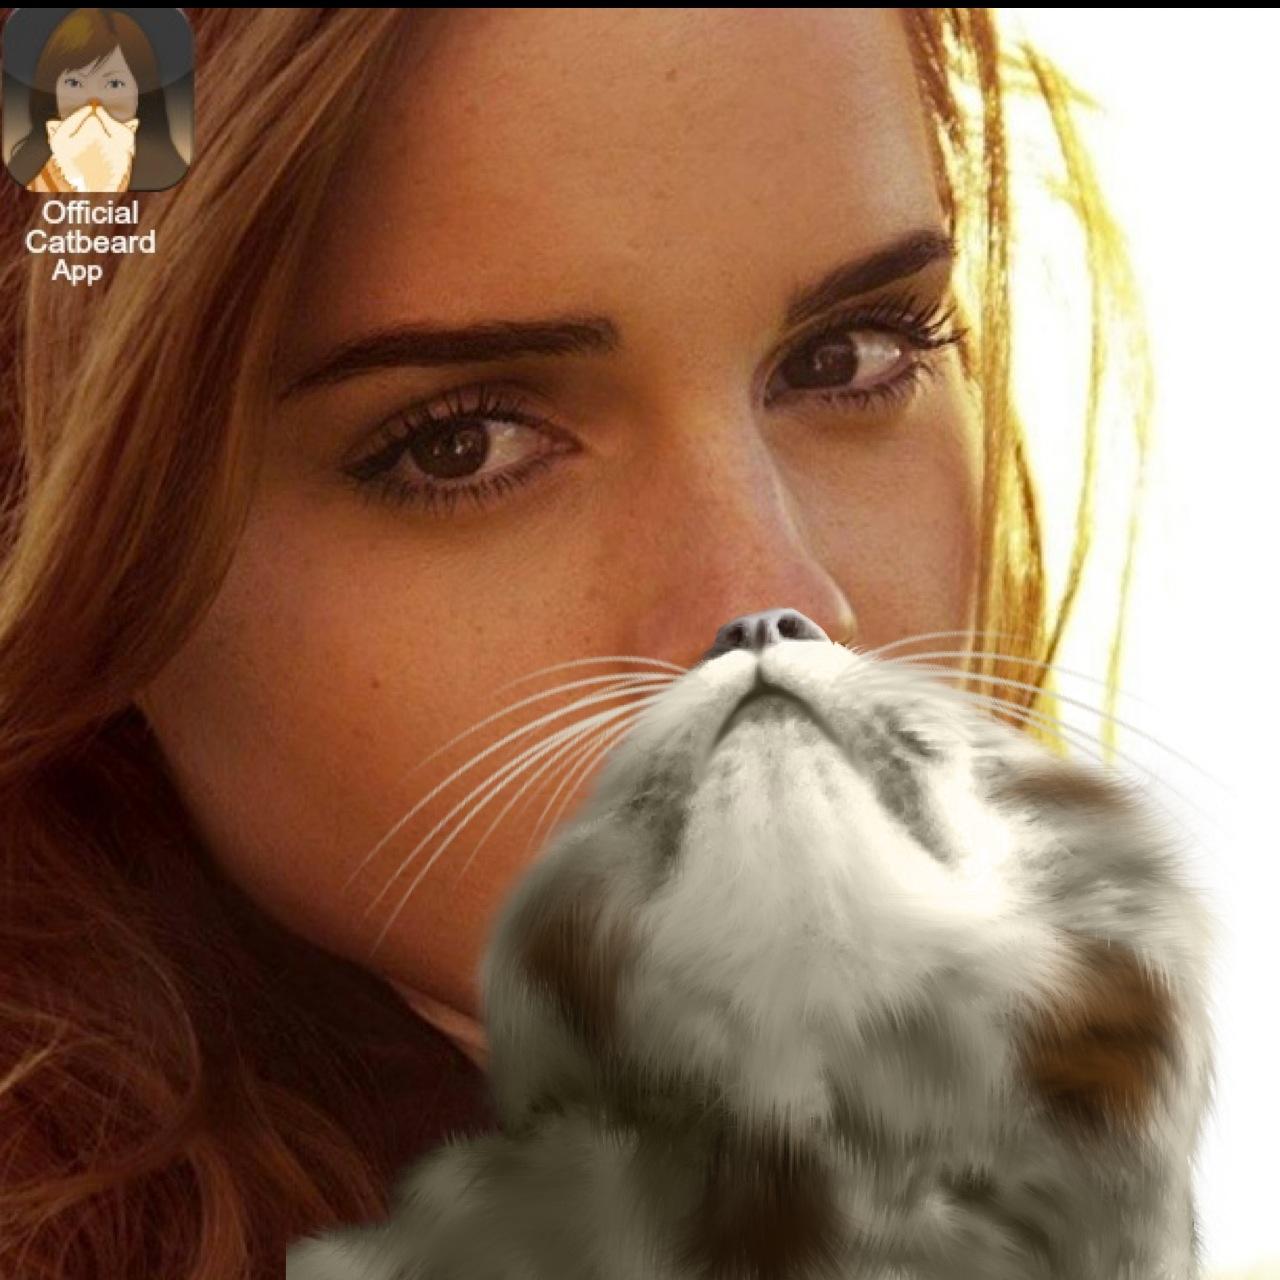 emma watson with a catbeard the official cat beard app